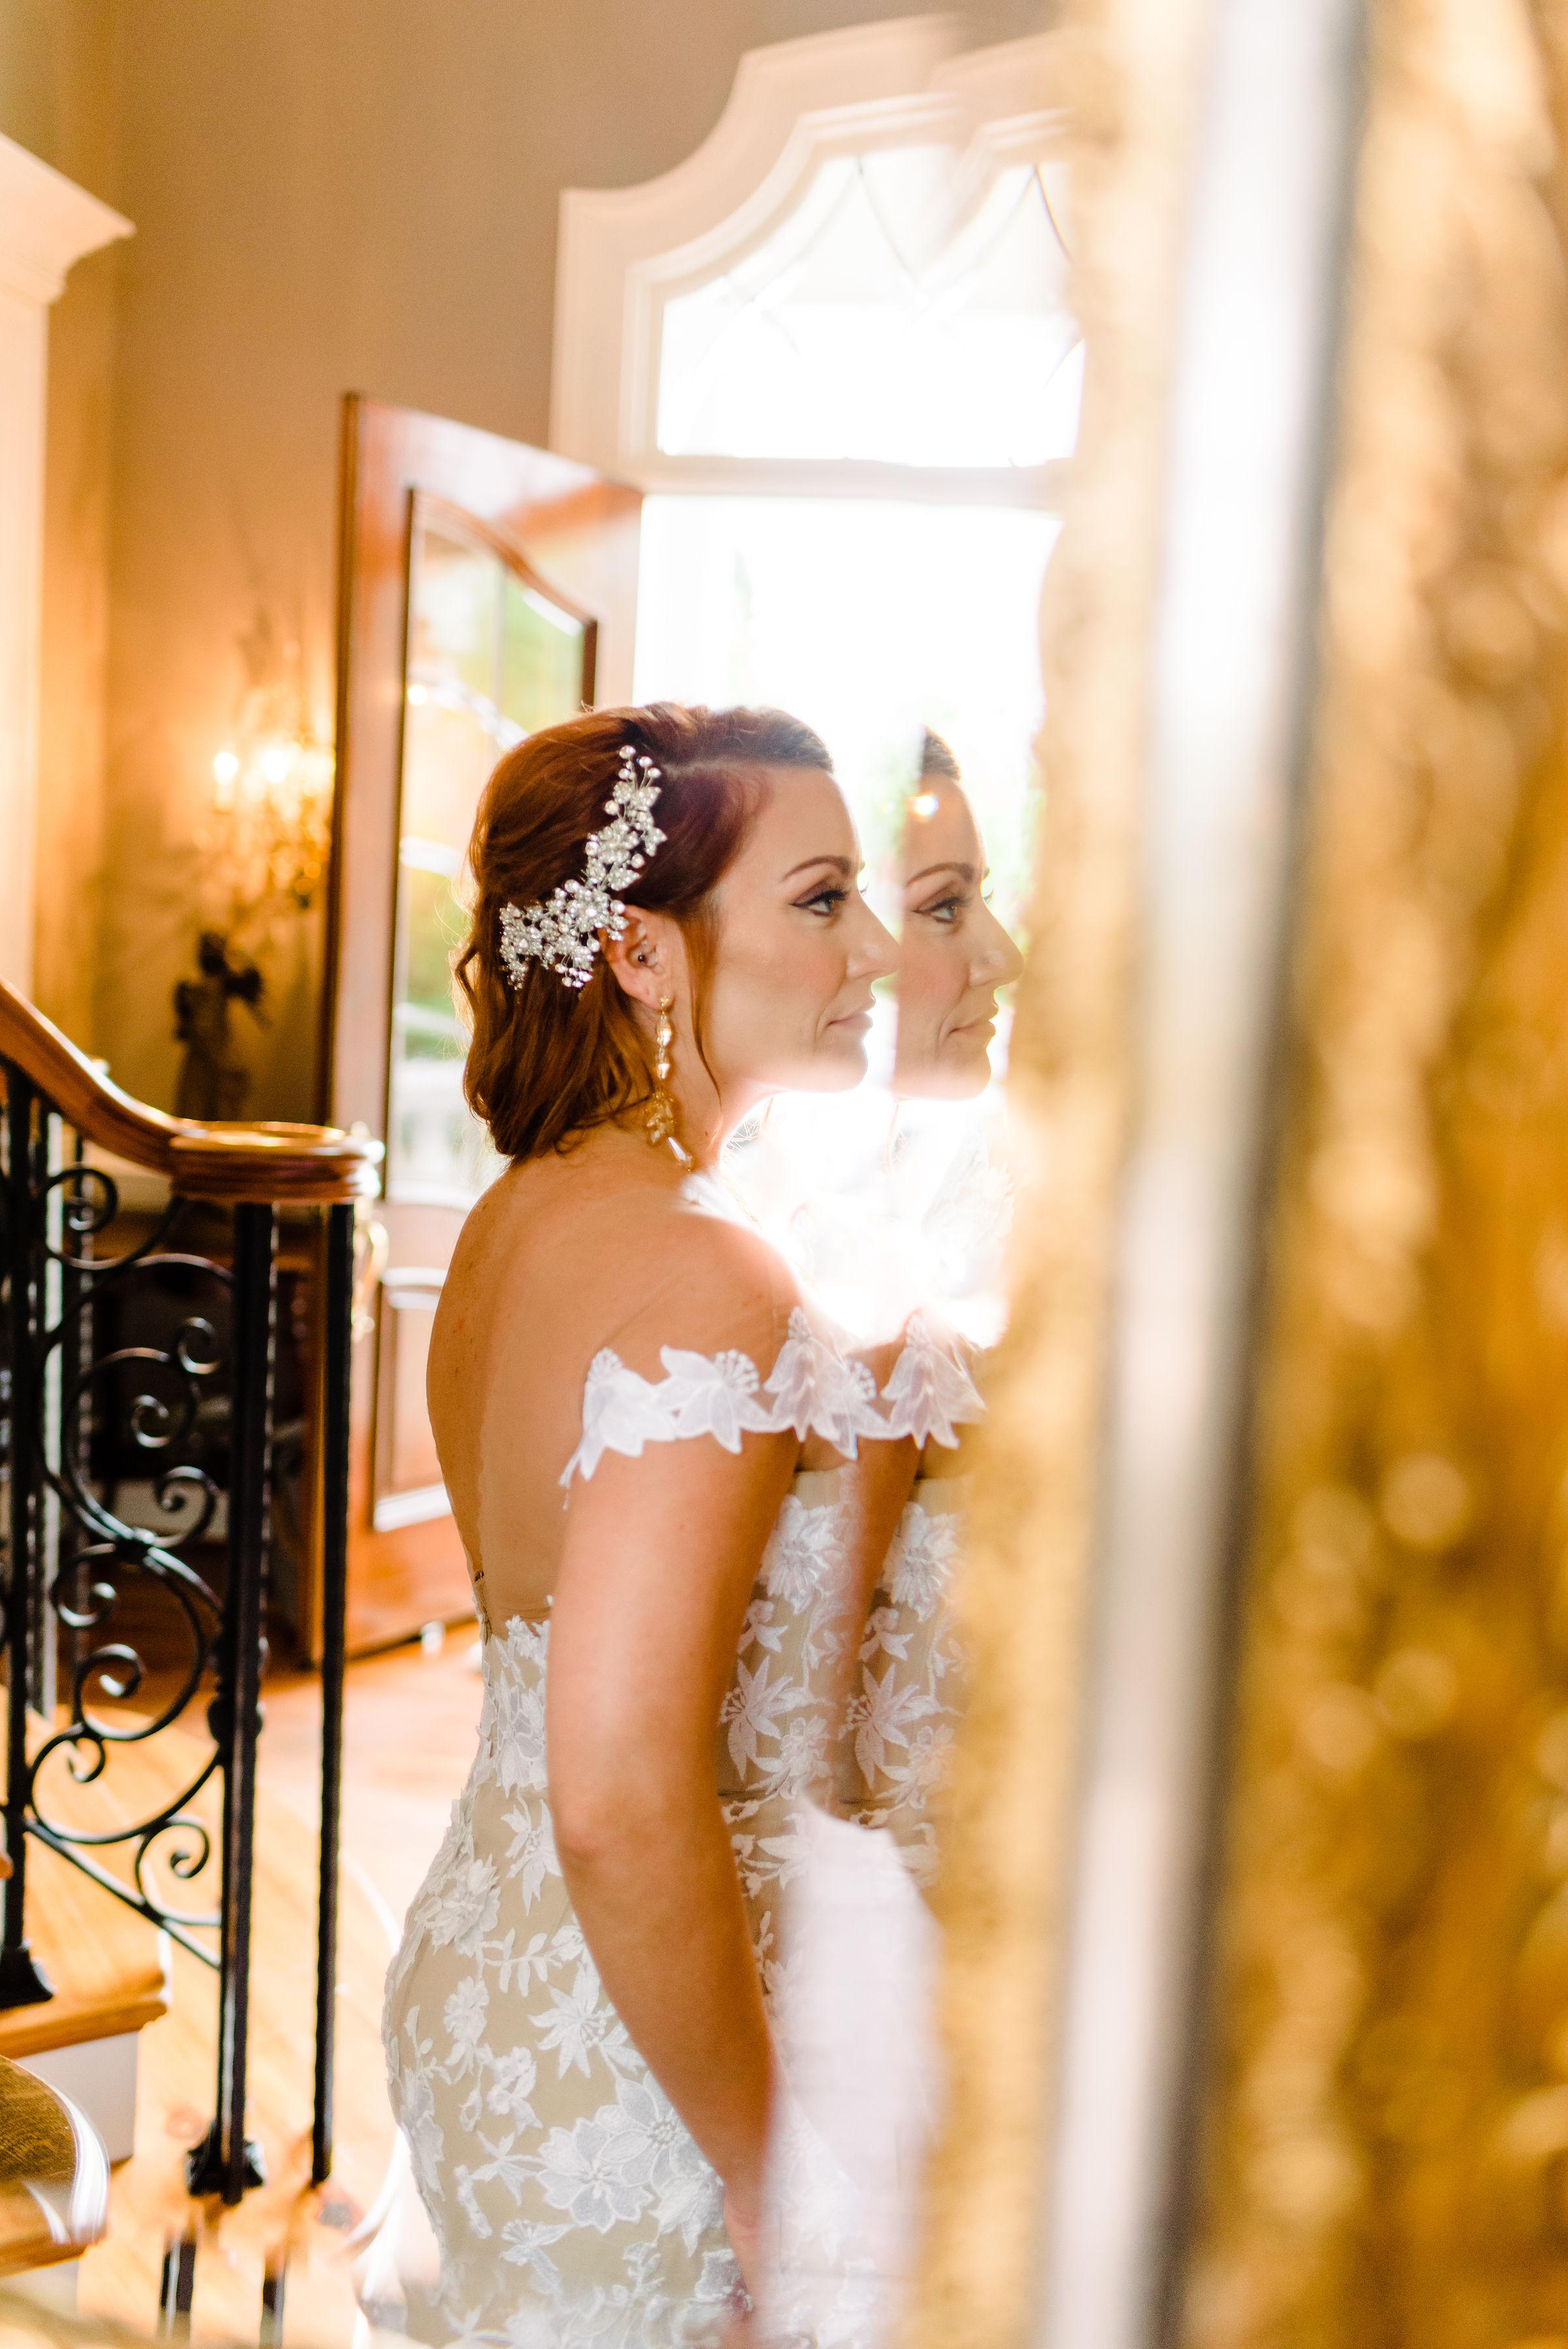 AshleyF_bridals-78.jpg